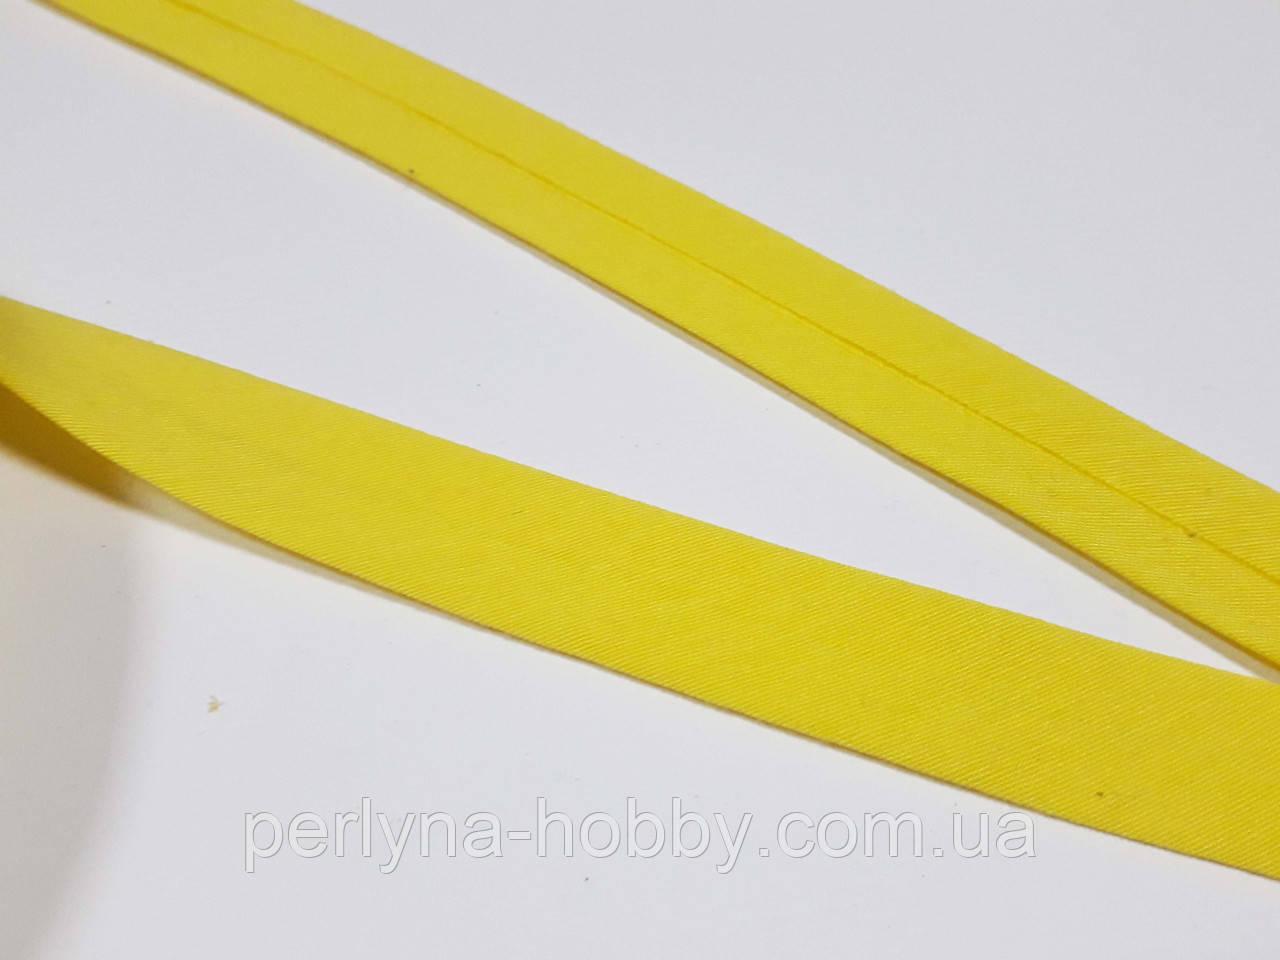 Бейка лямівка бавовняна 2 см. Жовта. Ціна за 1 метр